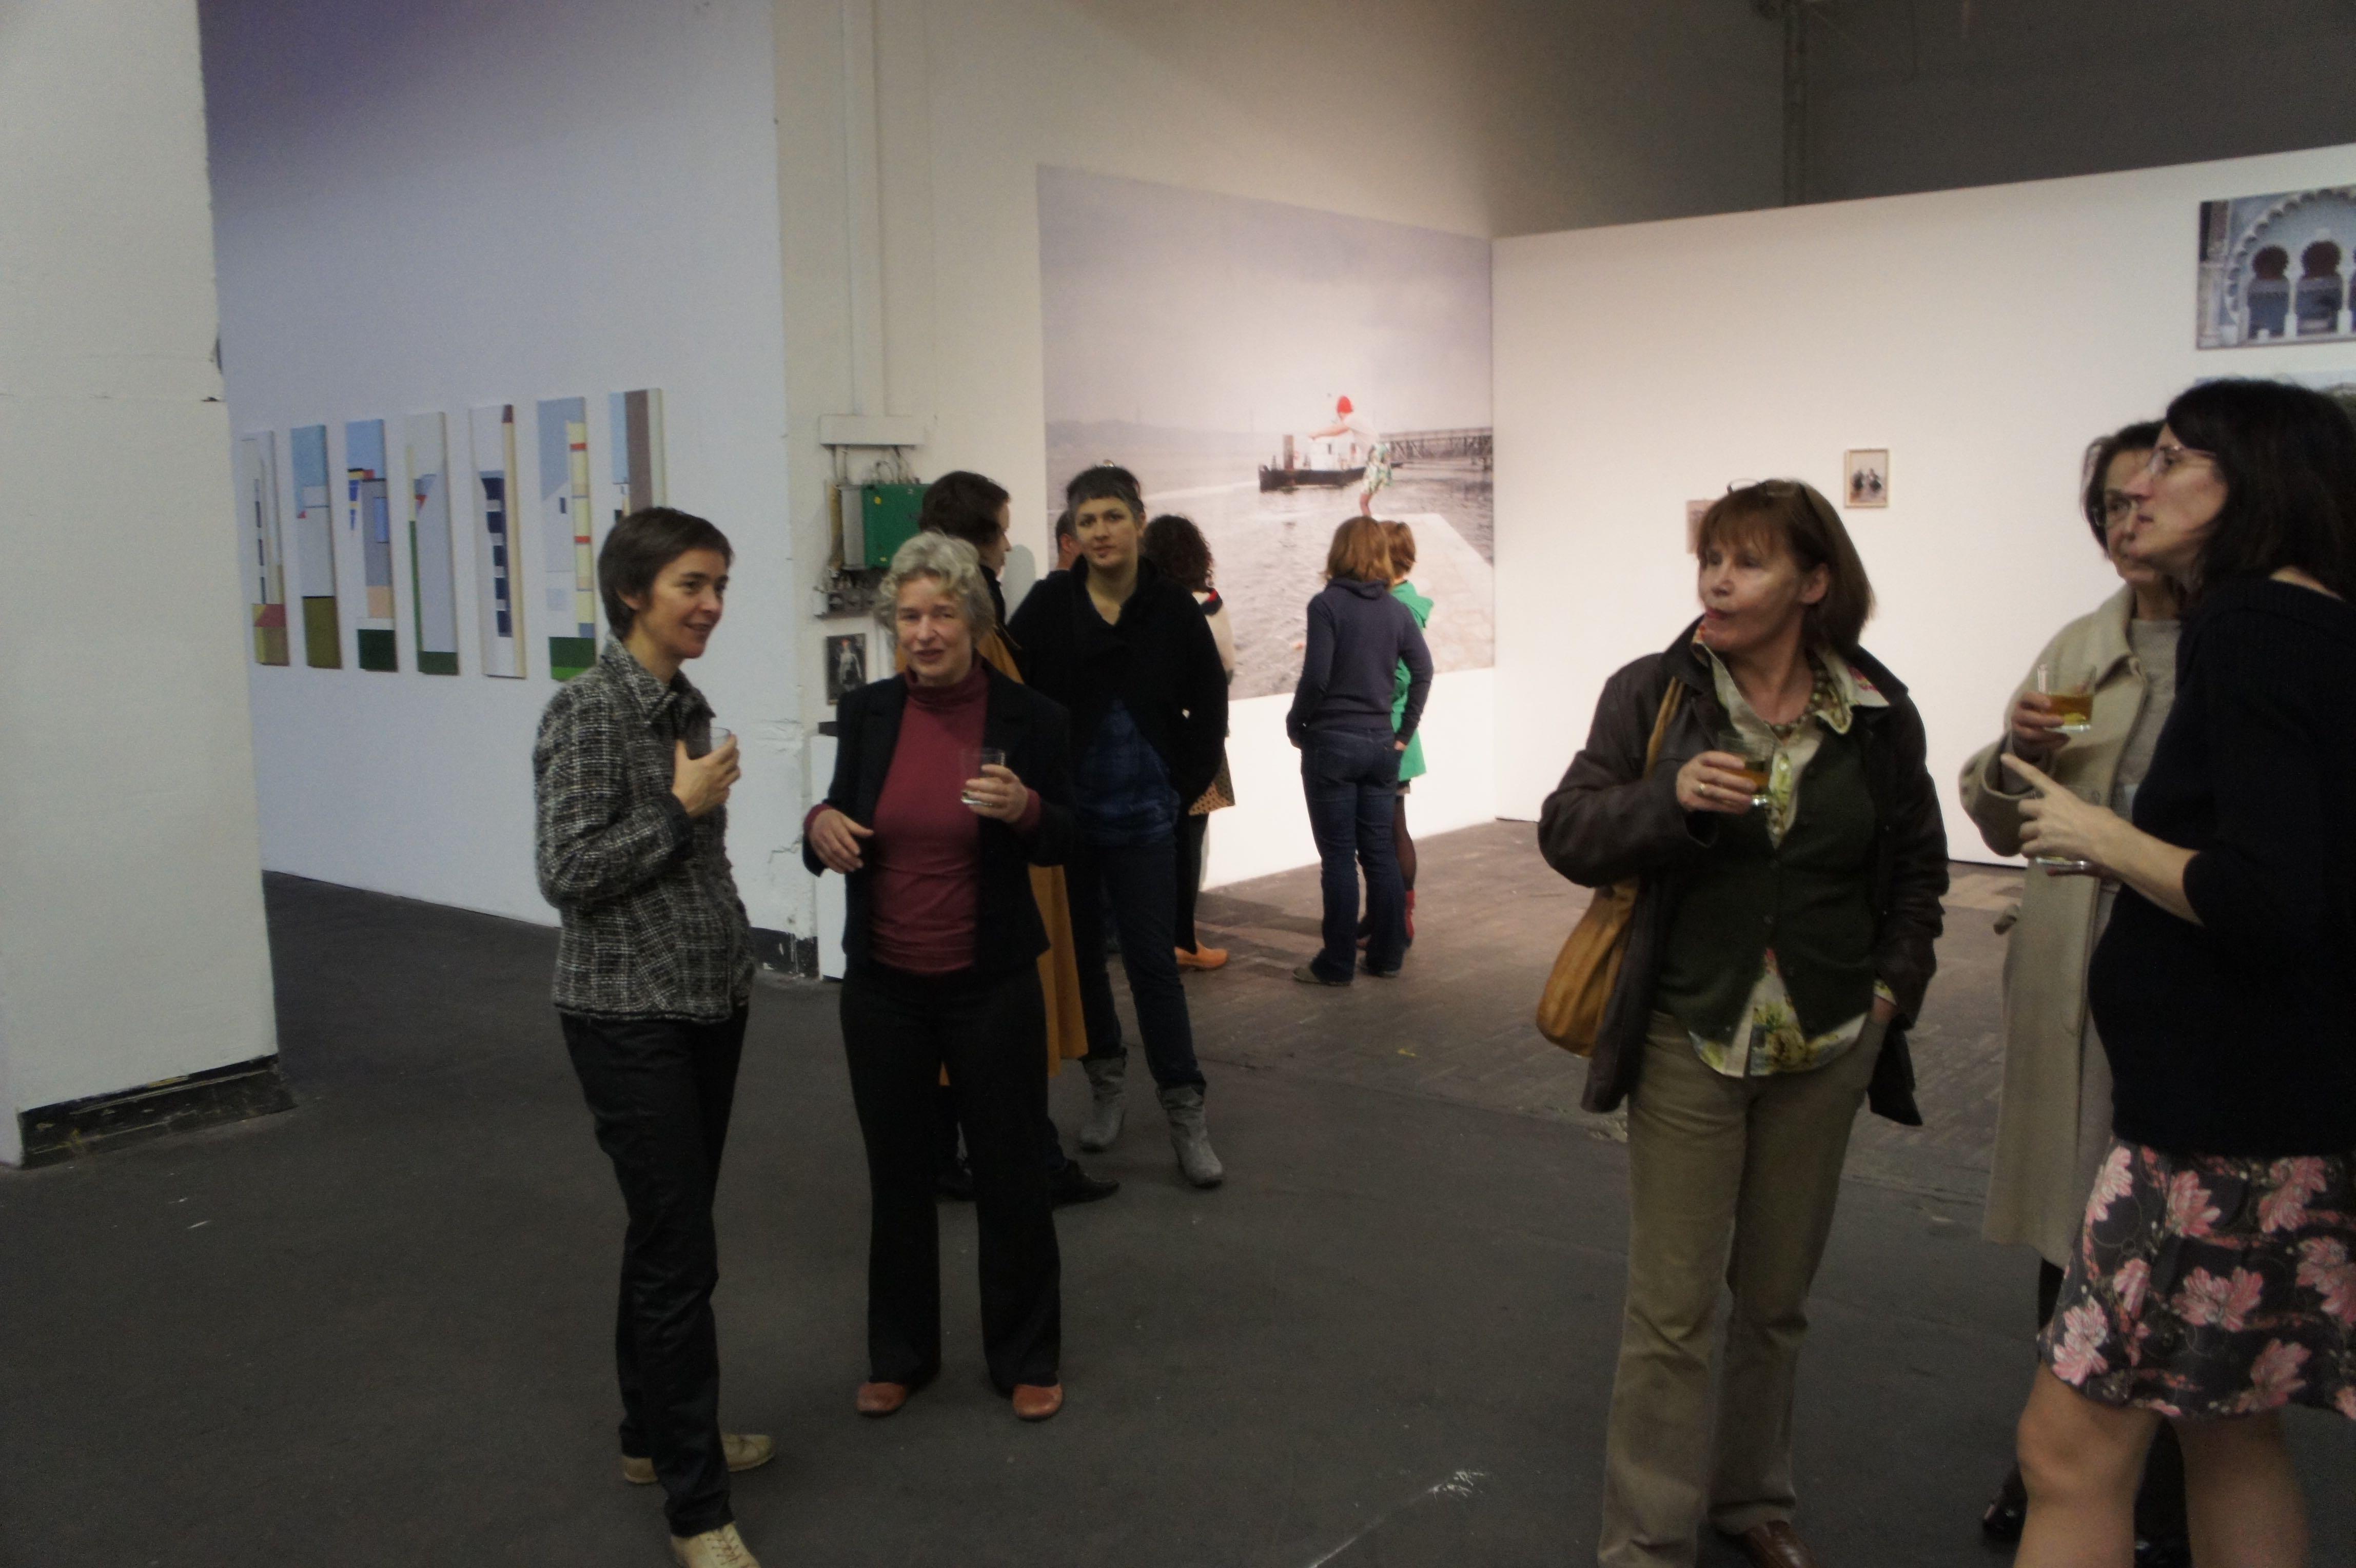 Ausstellung / exhibition Landschaft 2D, Zentrifuge Nürnberg 2011